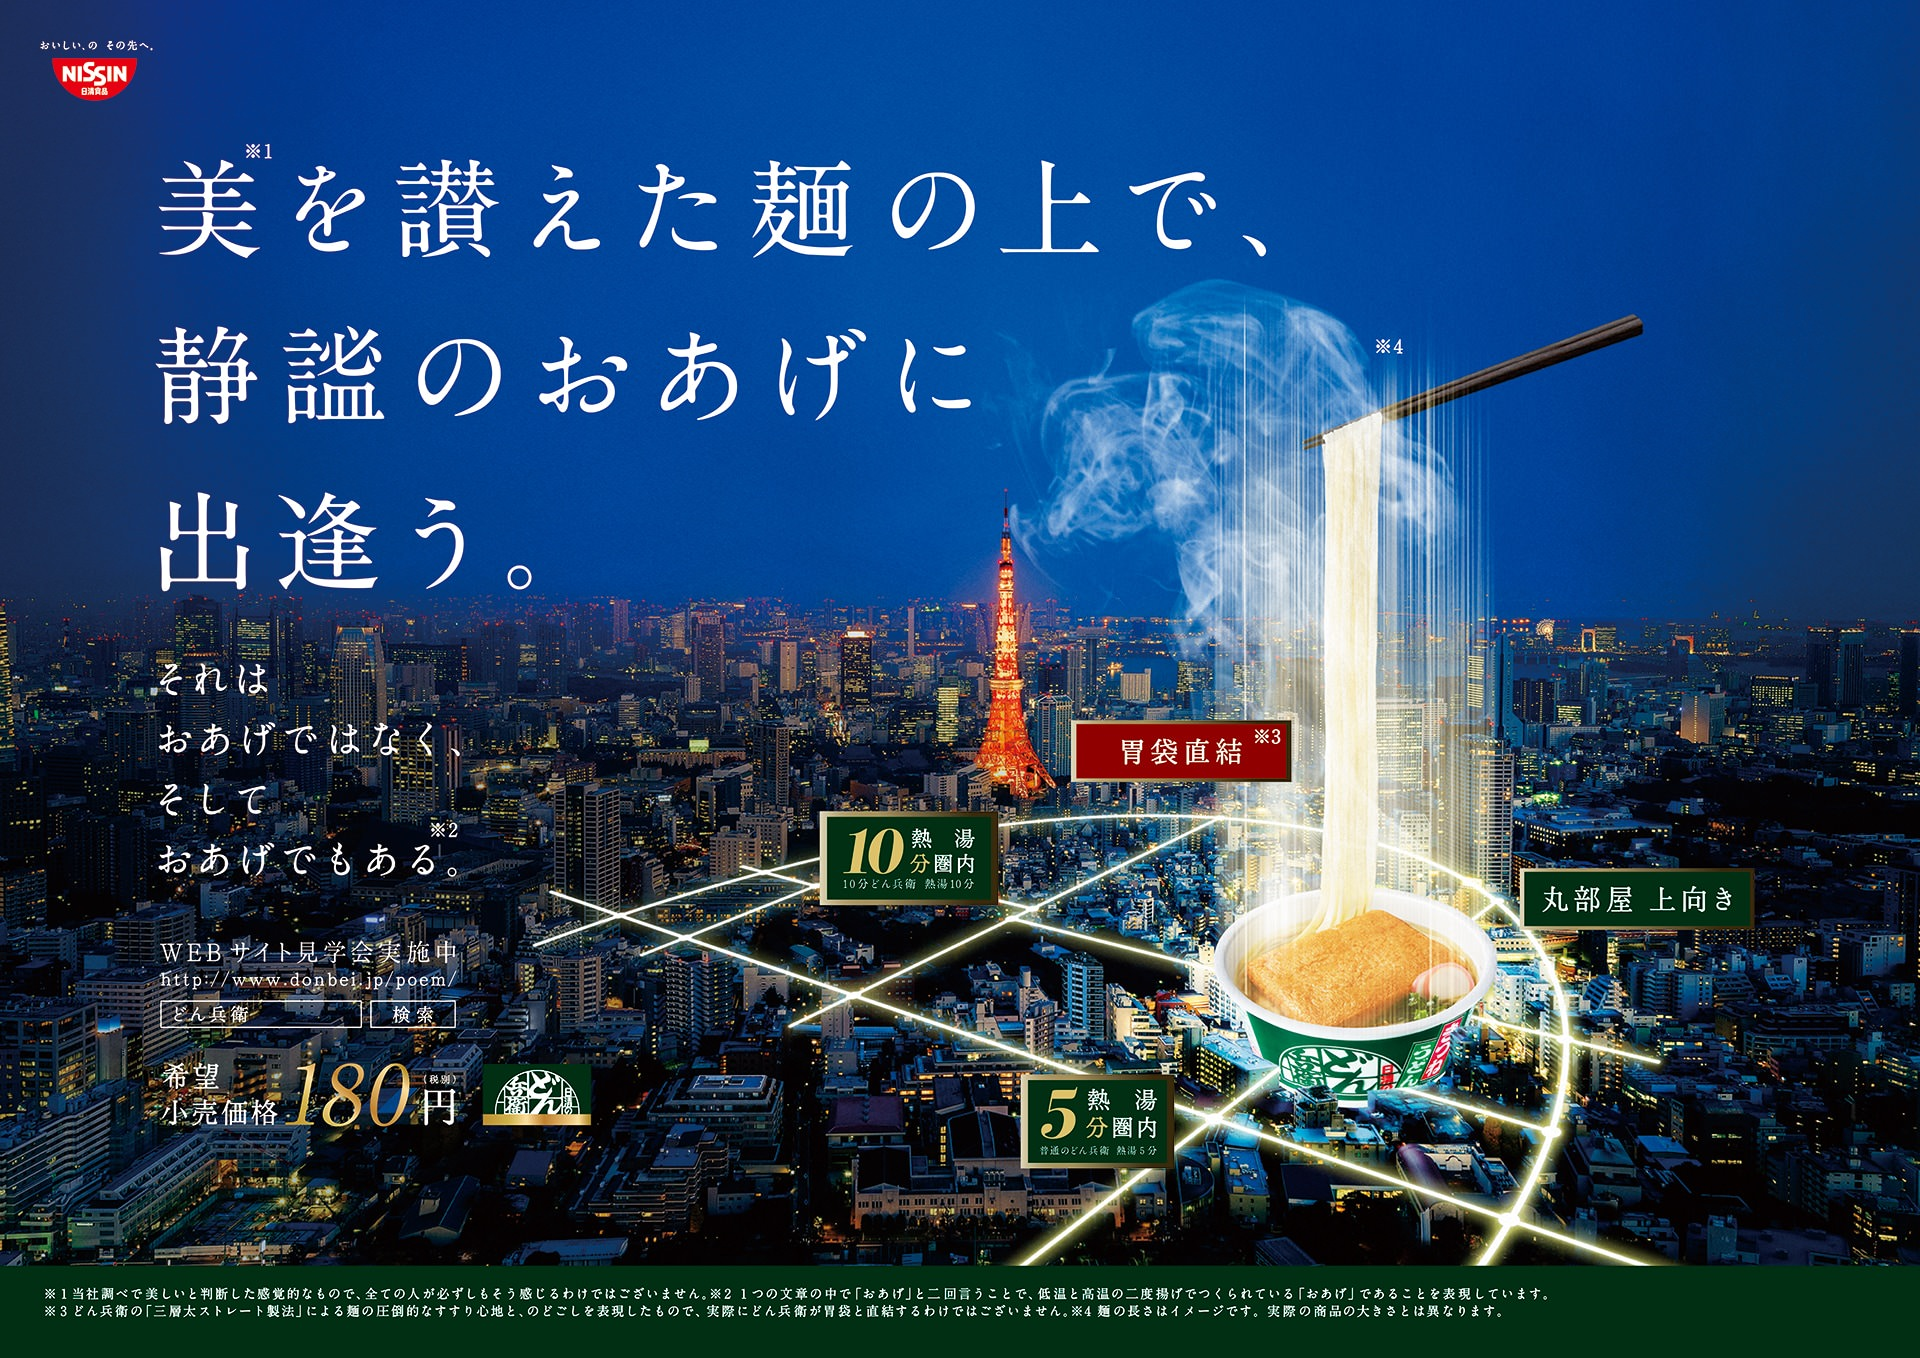 http://livedoor.blogimg.jp/news23vip/imgs/0/4/04b07d8f.jpg